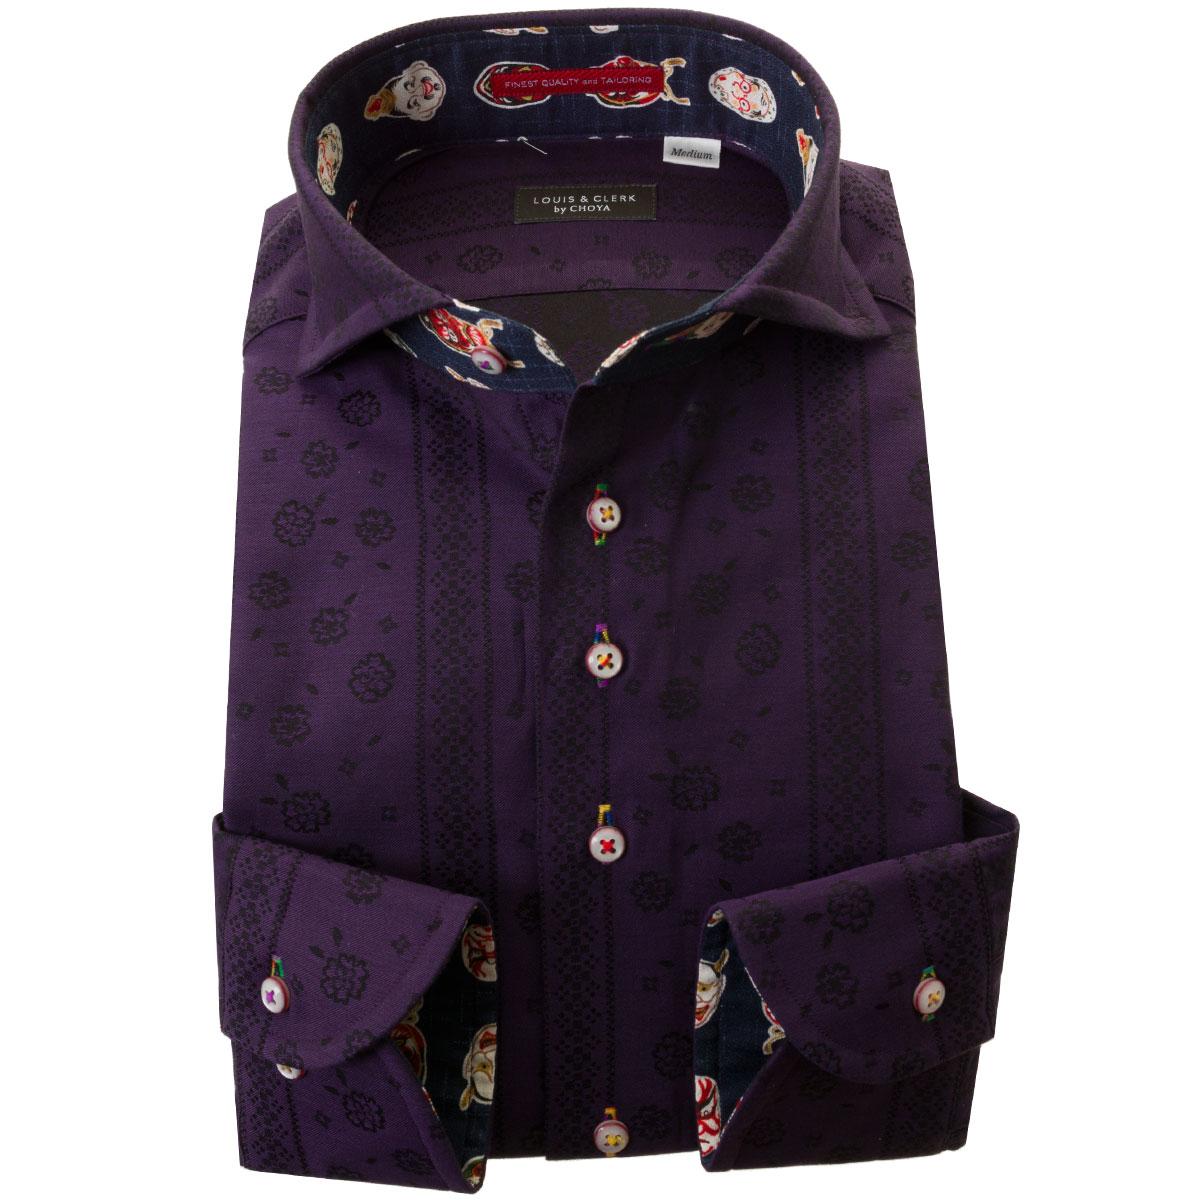 ドレスシャツ ワイシャツ シャツ メンズ 国産 長袖 綿100% 胸ポケット無 コンフォート カッタウェイワイドカラー 濃紫 ジャガード織 デザインストライプ 花柄